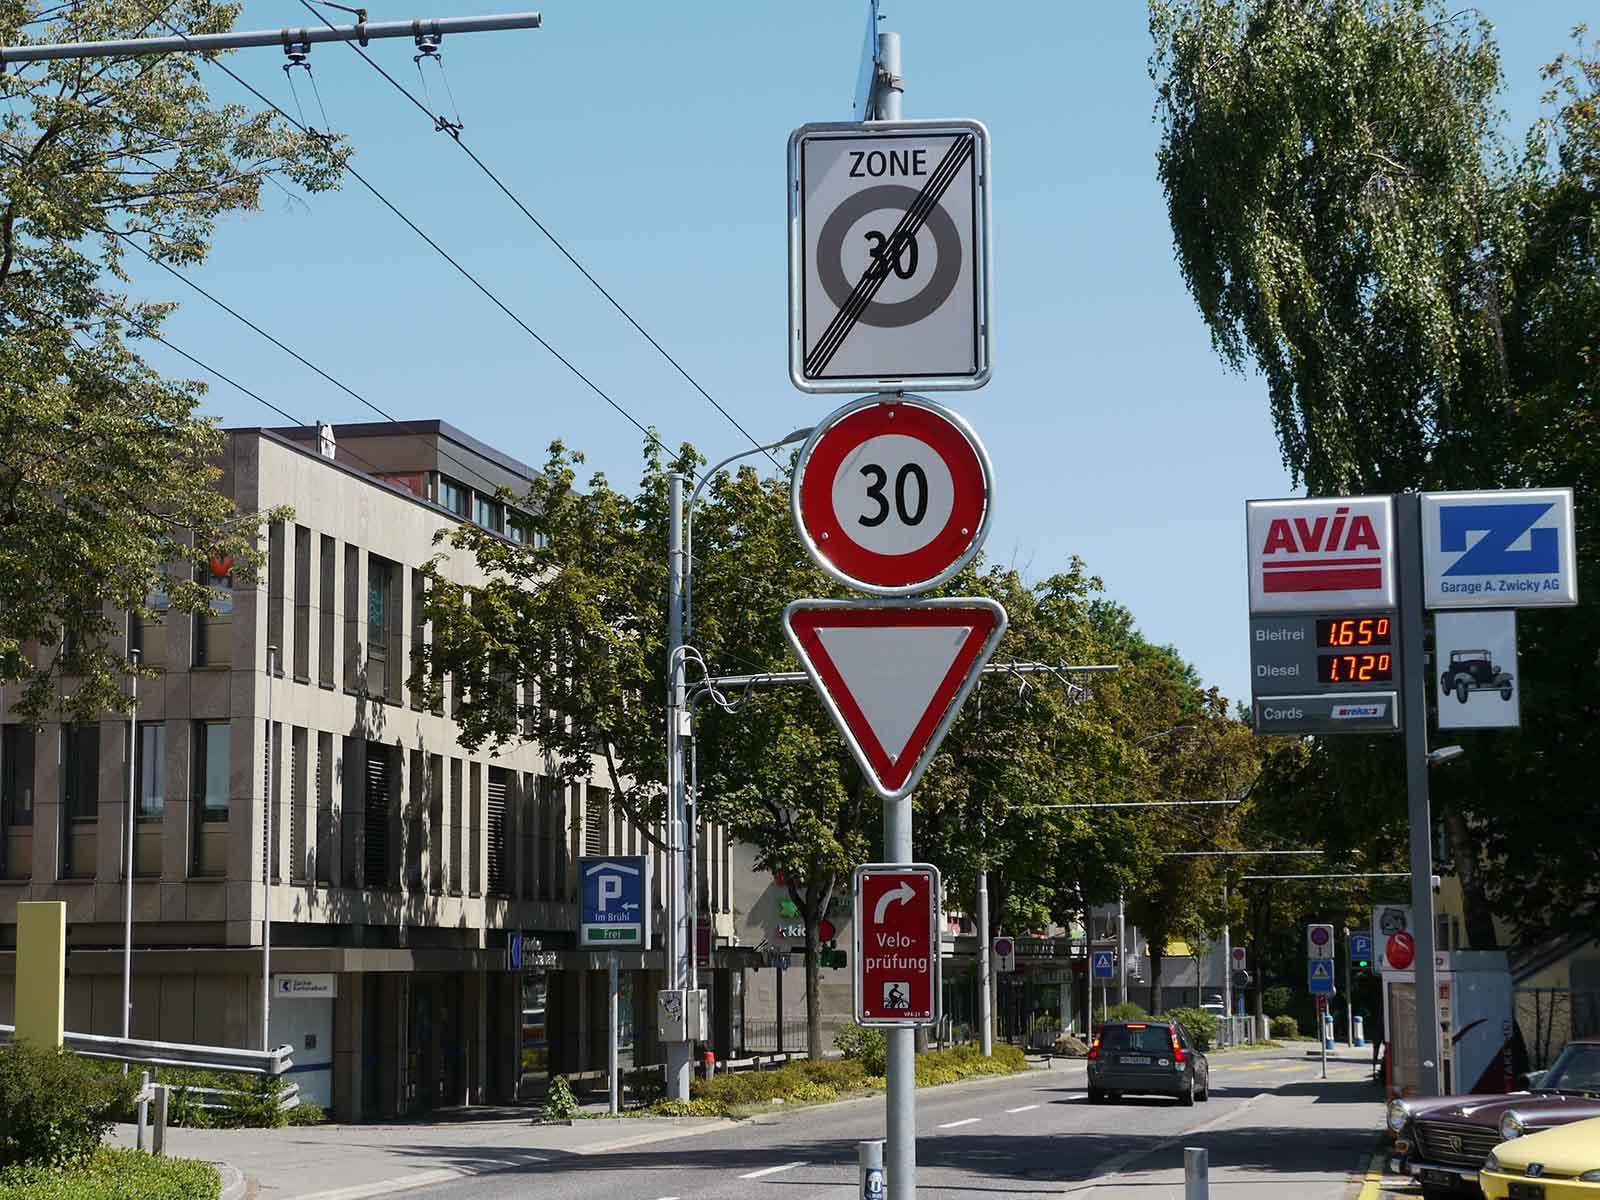 Sorgt für Verwirrung: Ende der «Tempo-30-Zone», Beginn der «Tempo-30-Strecke», verkehrsrechtlich ein Unterschied, für die Verkehrsteilnehmer*innen nicht: 30 bleibt 30.